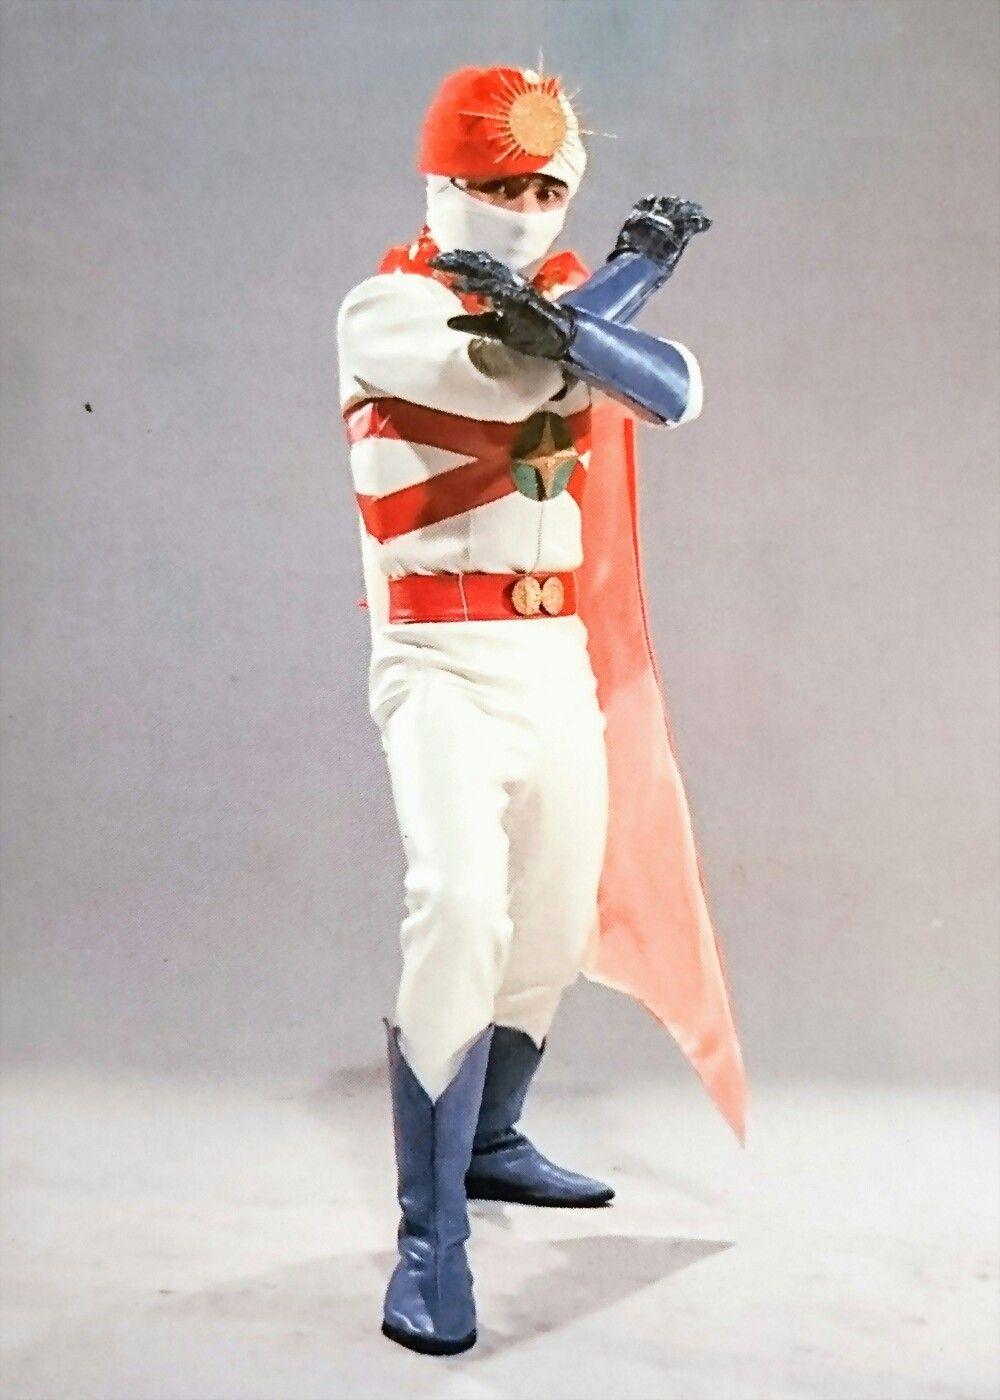 愛の戦士レインボーマン ダッシュ7 レインボーマン スーパーヒーロー 特撮ヒーロー